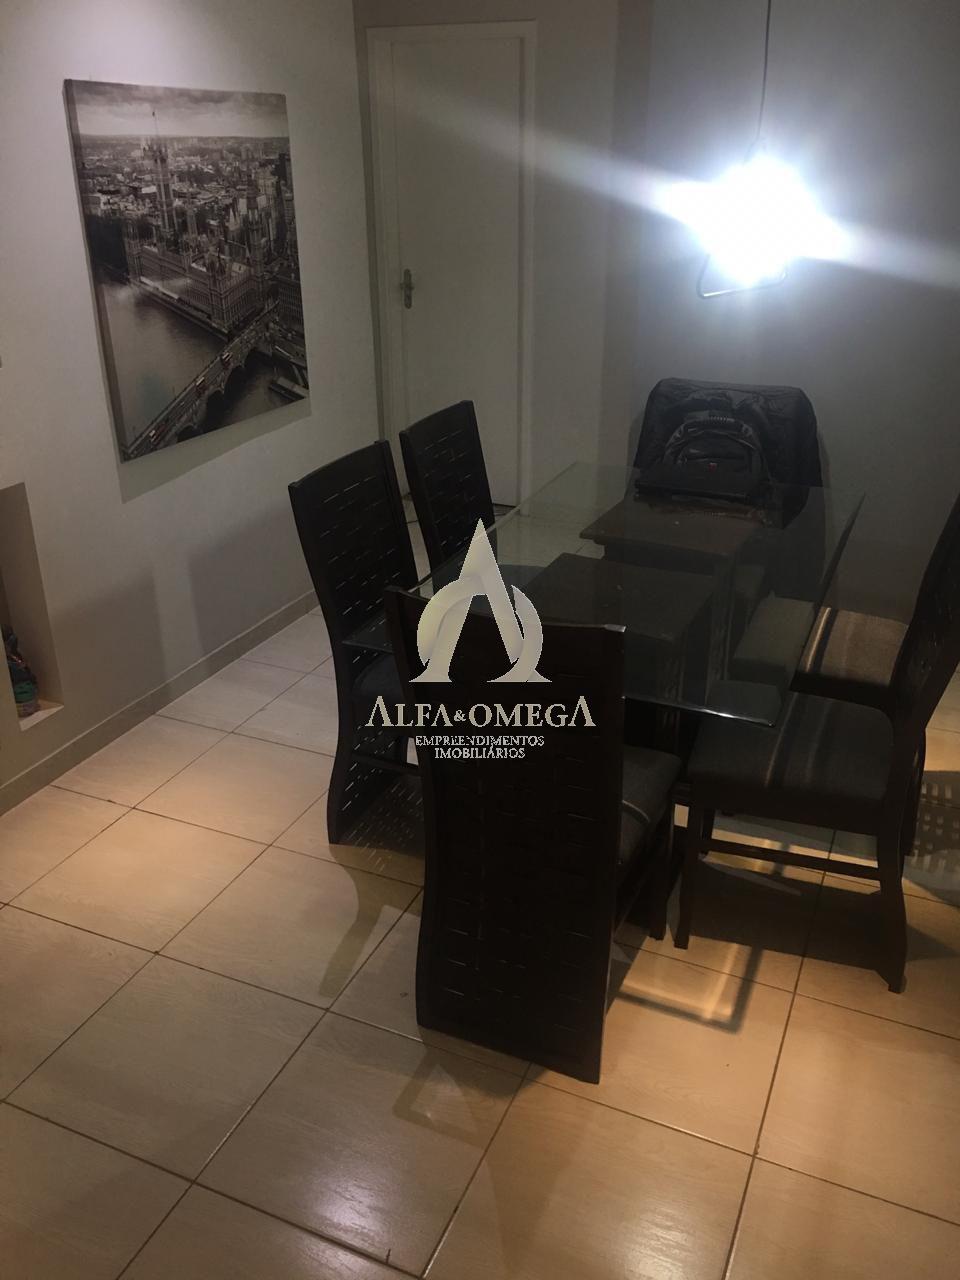 FOTO 6 - Apartamento Pechincha,Rio de Janeiro,RJ À Venda,2 Quartos,60m² - AOJ20048 - 6